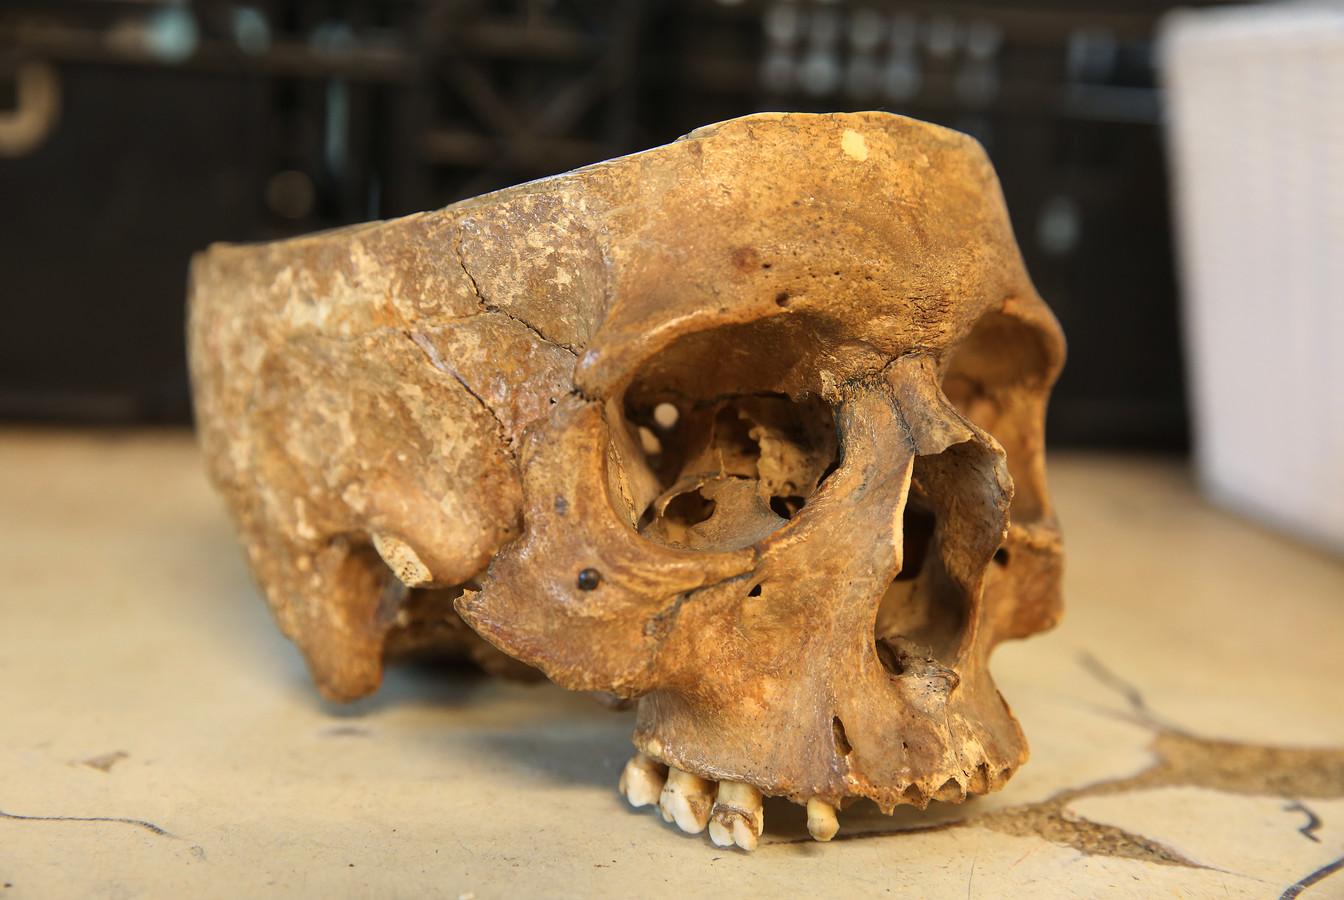 De forensische opsporing probeert de leeftijd vast te stellen van de schedel die gisteren opdook bij Kringloop Twello.